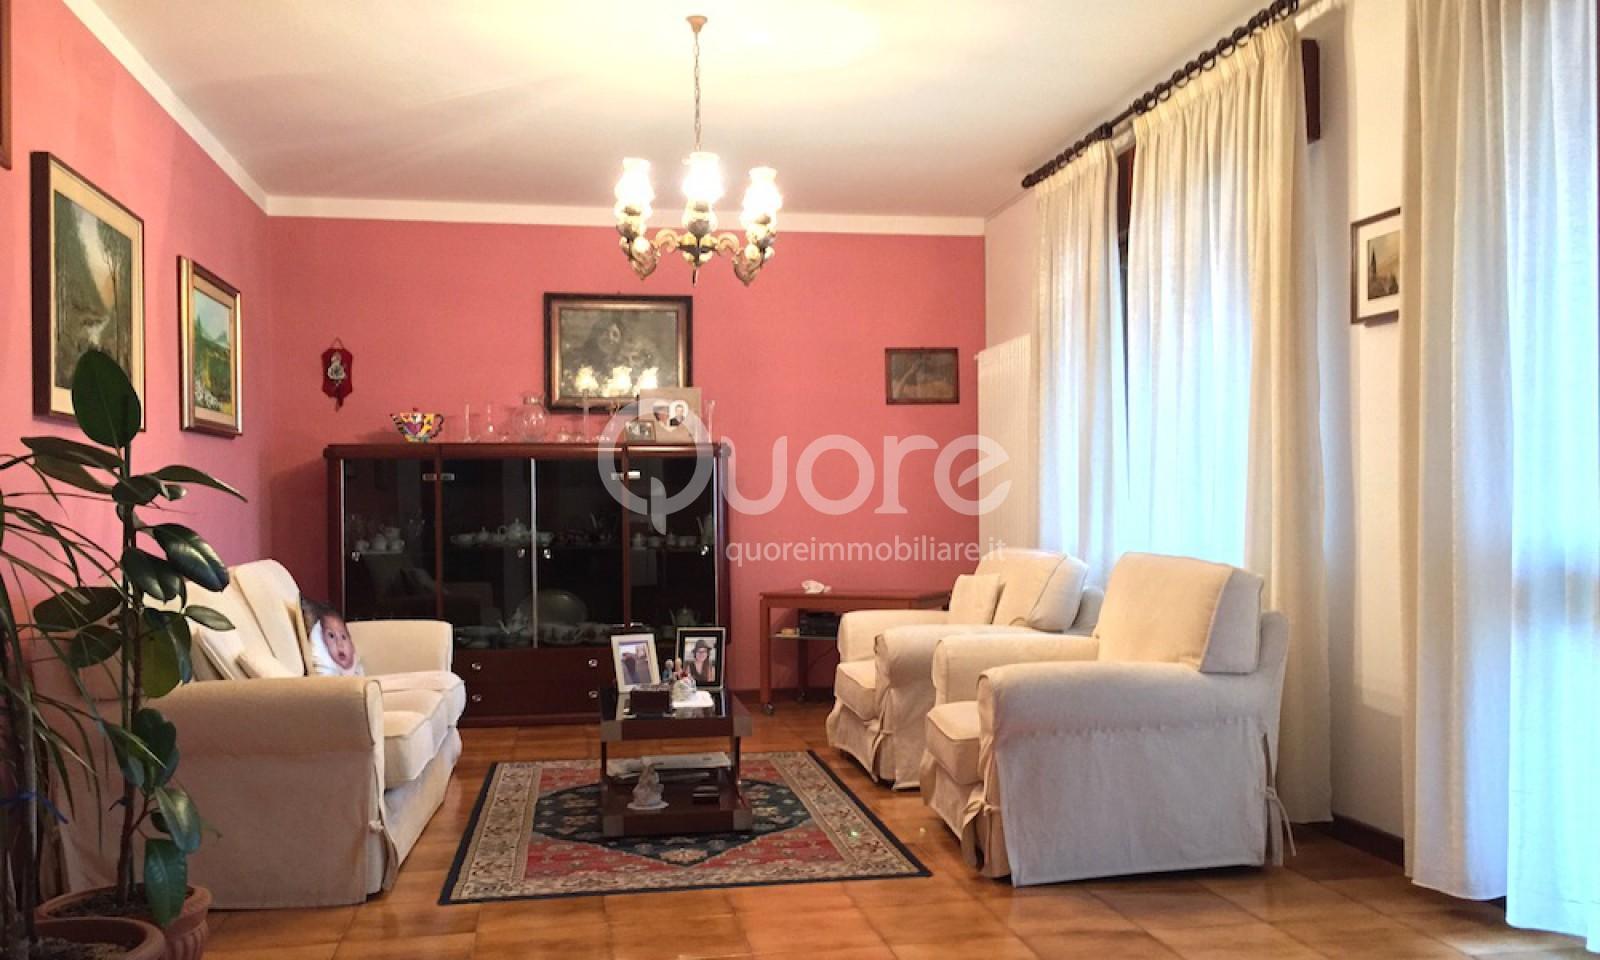 Appartamento in vendita a Muzzana del Turgnano, 6 locali, prezzo € 103.000 | Cambio Casa.it